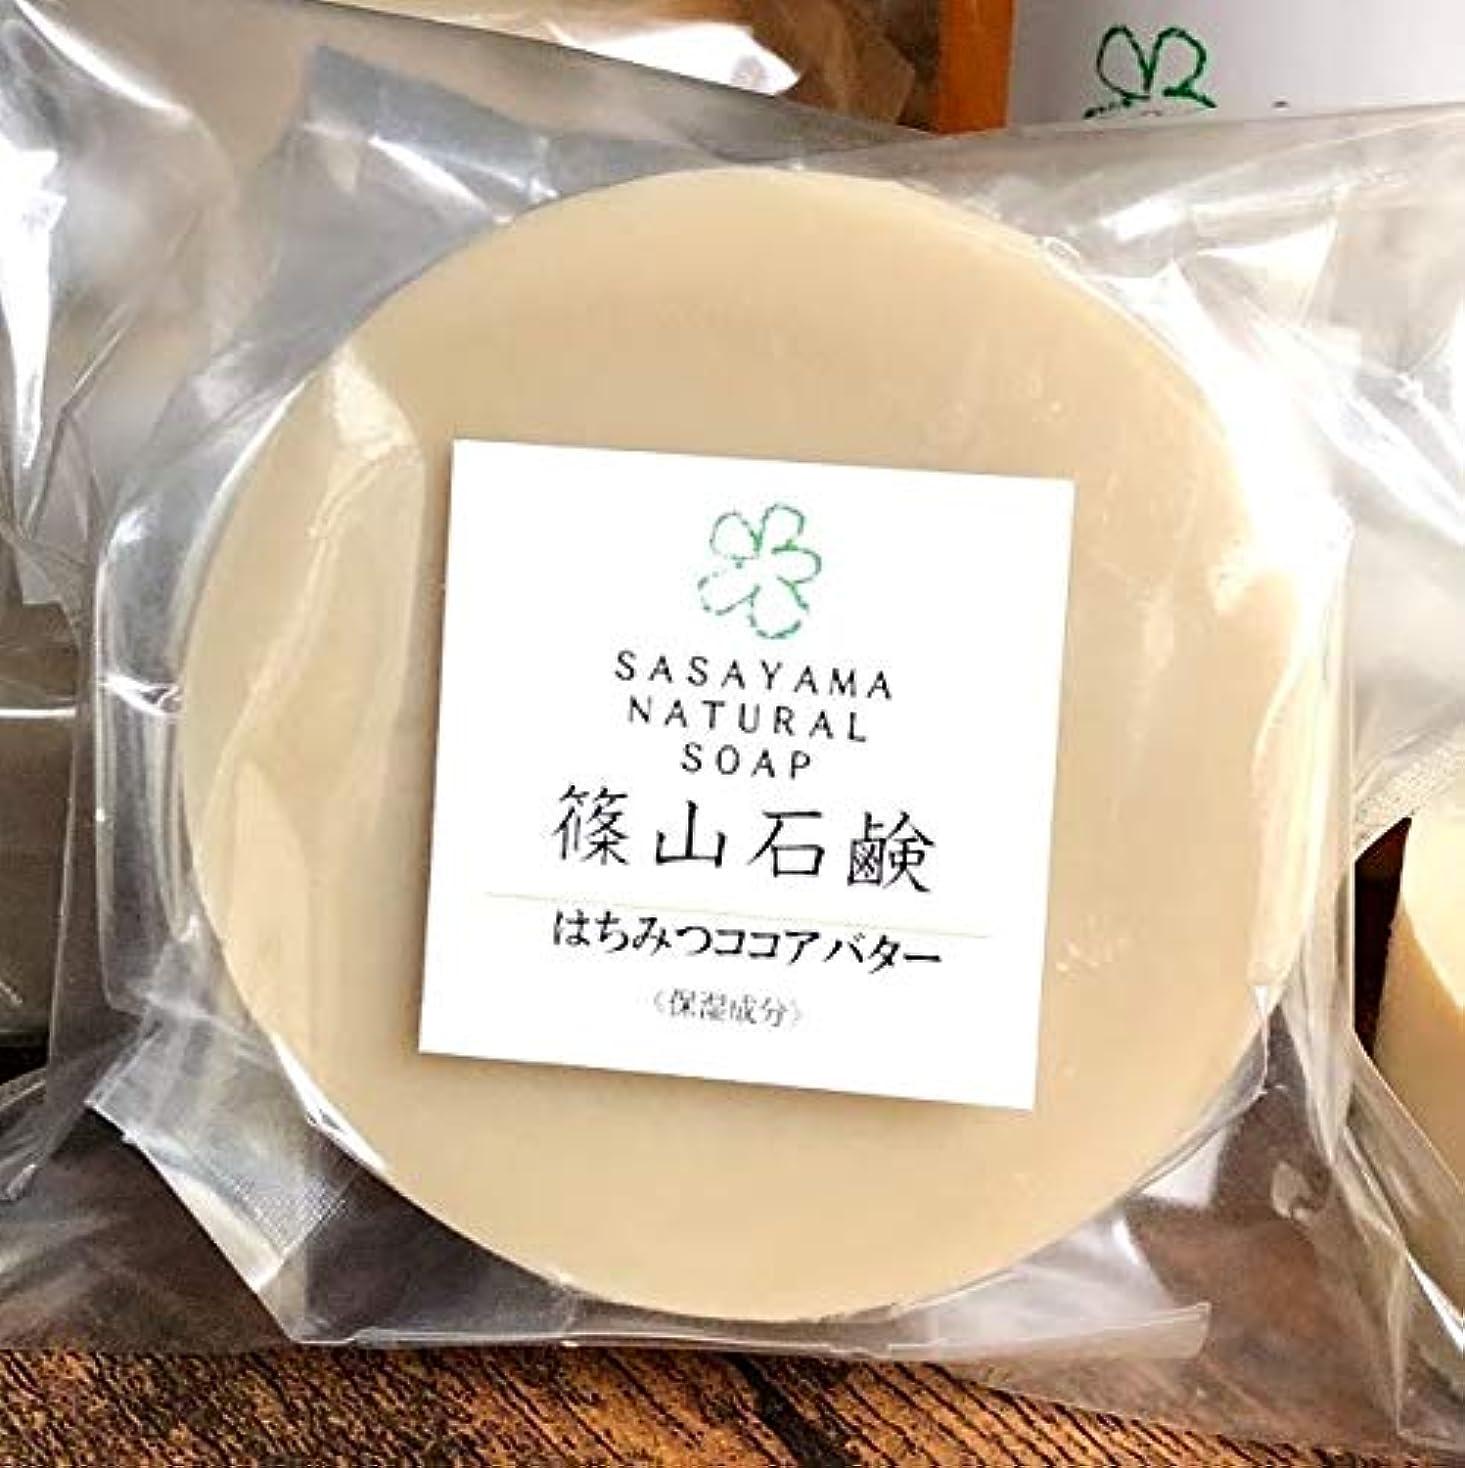 スコットランド人つかむ粘液篠山石鹸 はちみつココアバター 85g ミツバチ農家が作るった「ハチミツ洗顔せっけん」) コールドプロセス製法